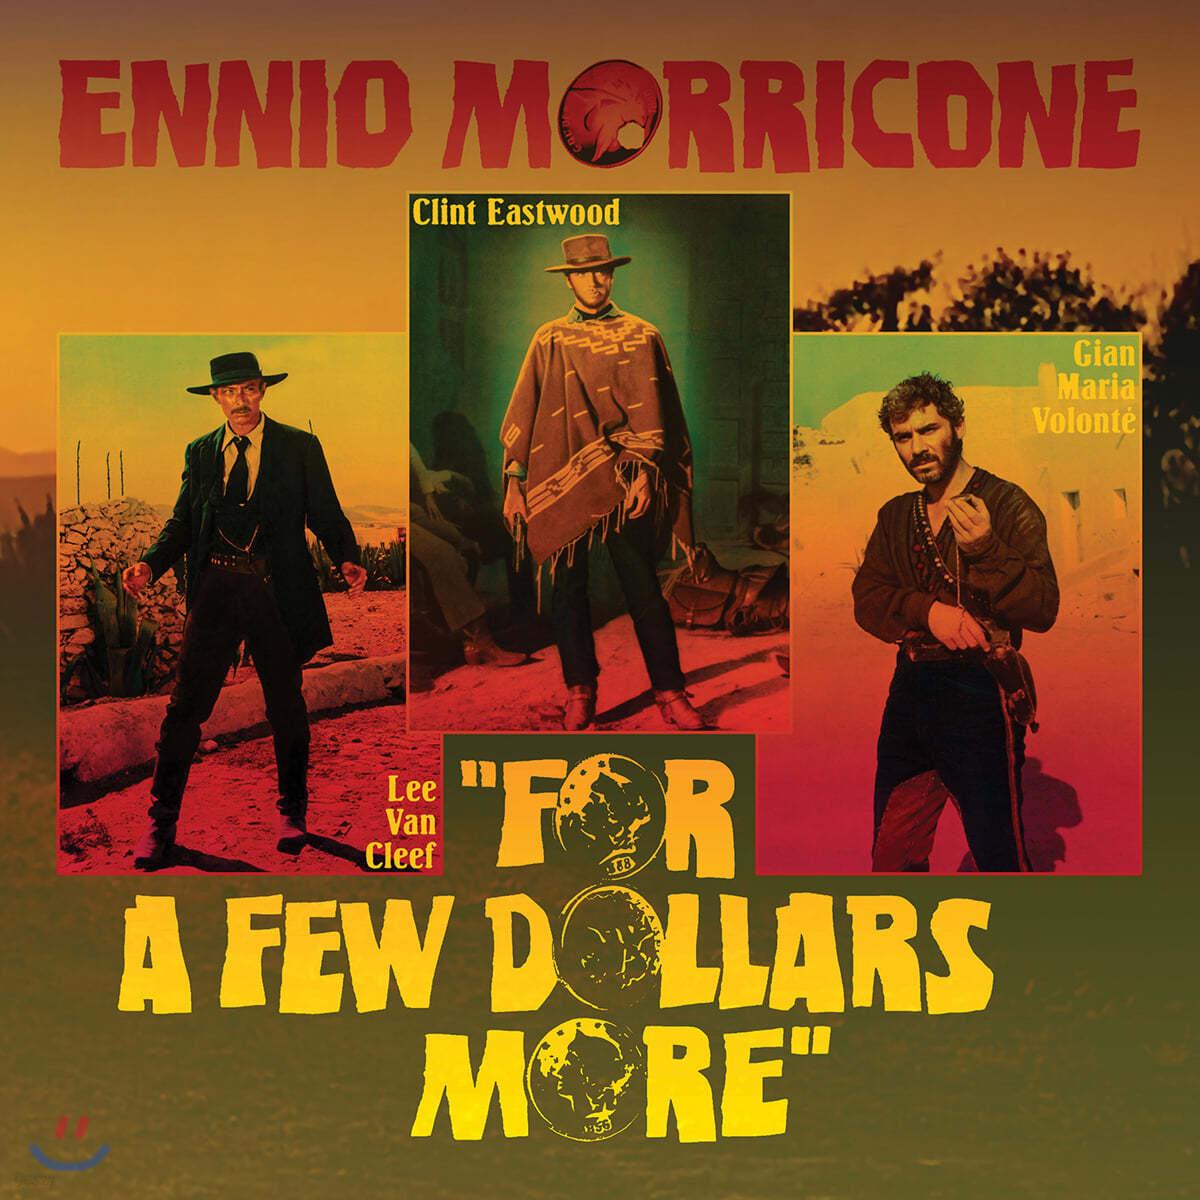 석양의 무법자 영화음악 (For a few dollars more OST by Ennio Morricone) [10인치 옐로우 컬러 Vinyl]